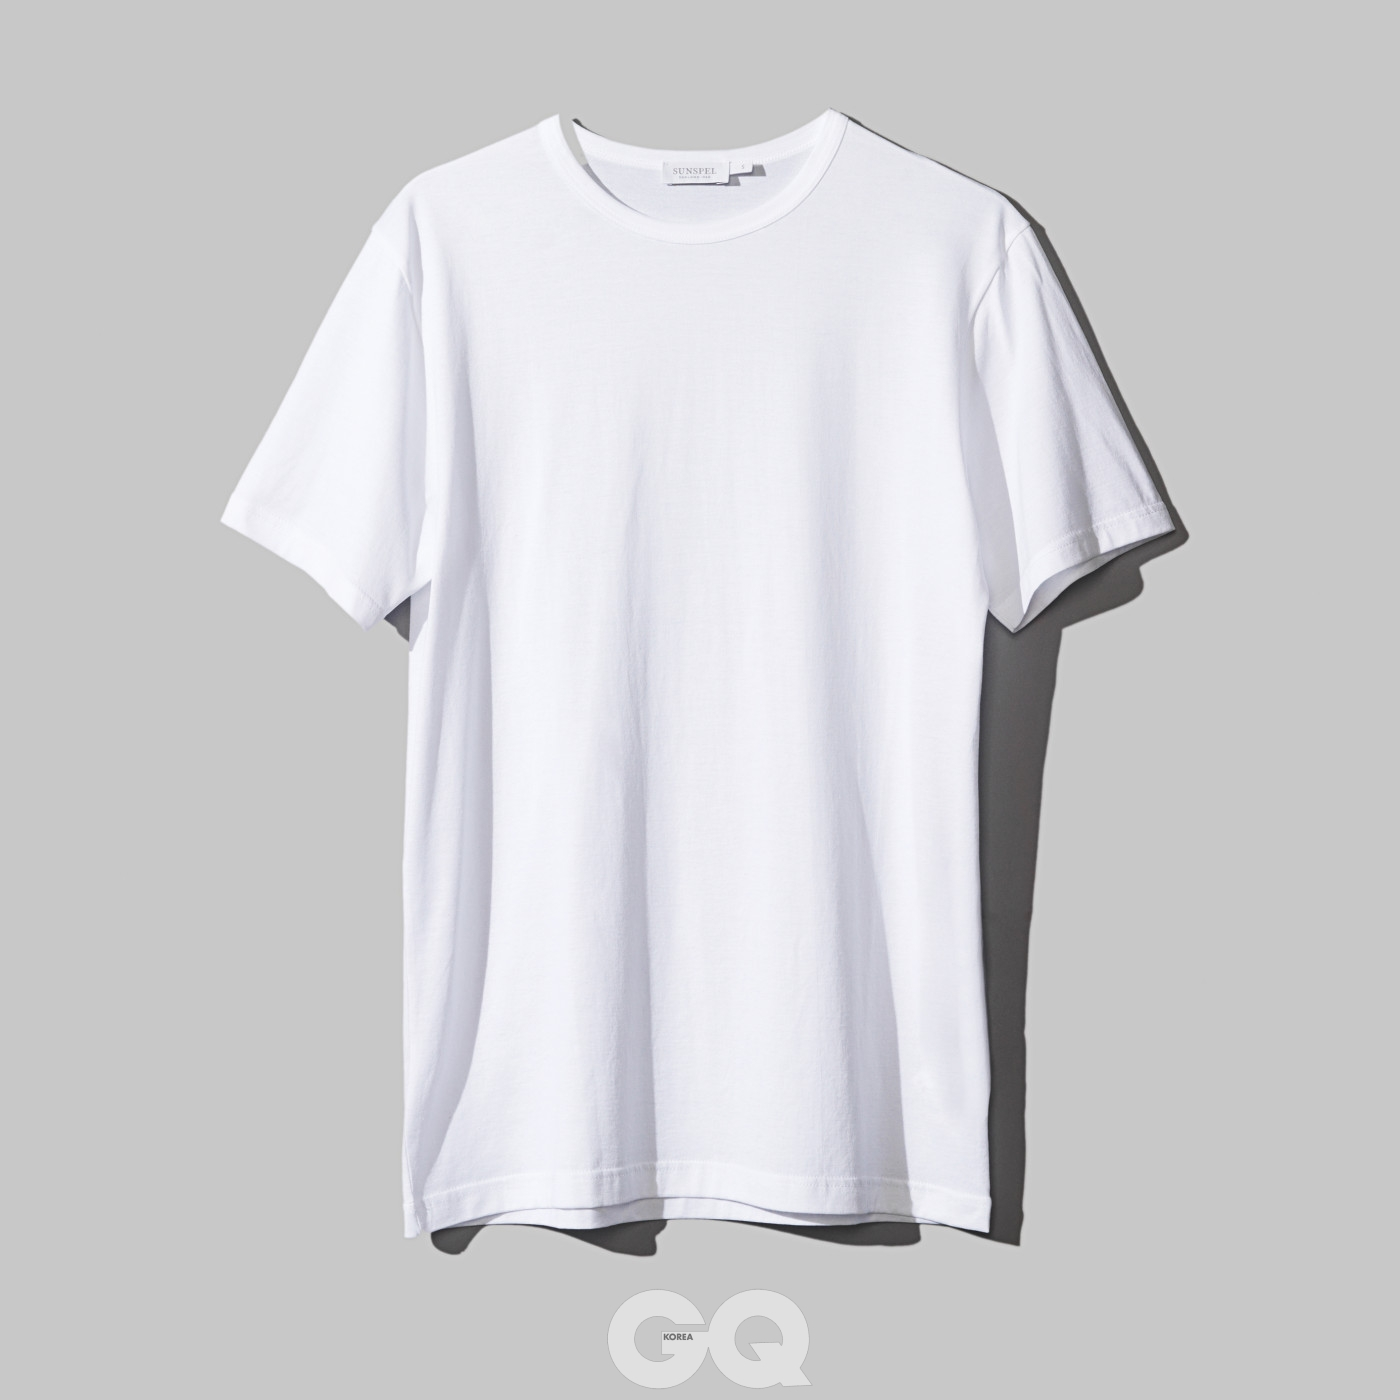 흰색 티셔츠 12만8천원, 선스펠 by 라움.